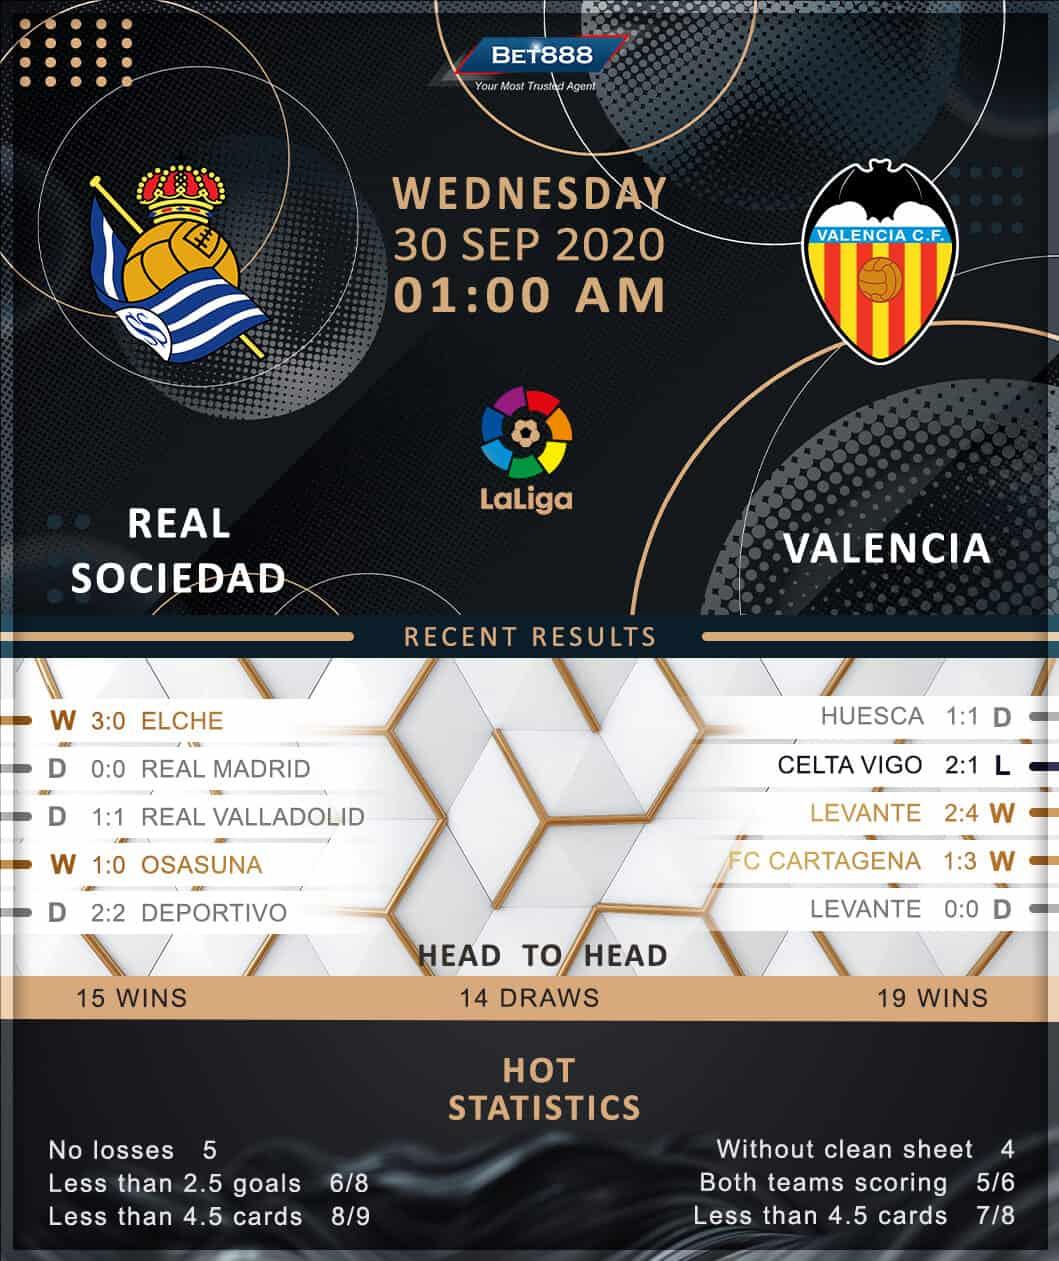 Real Sociedad vs Valencia 30/09/20